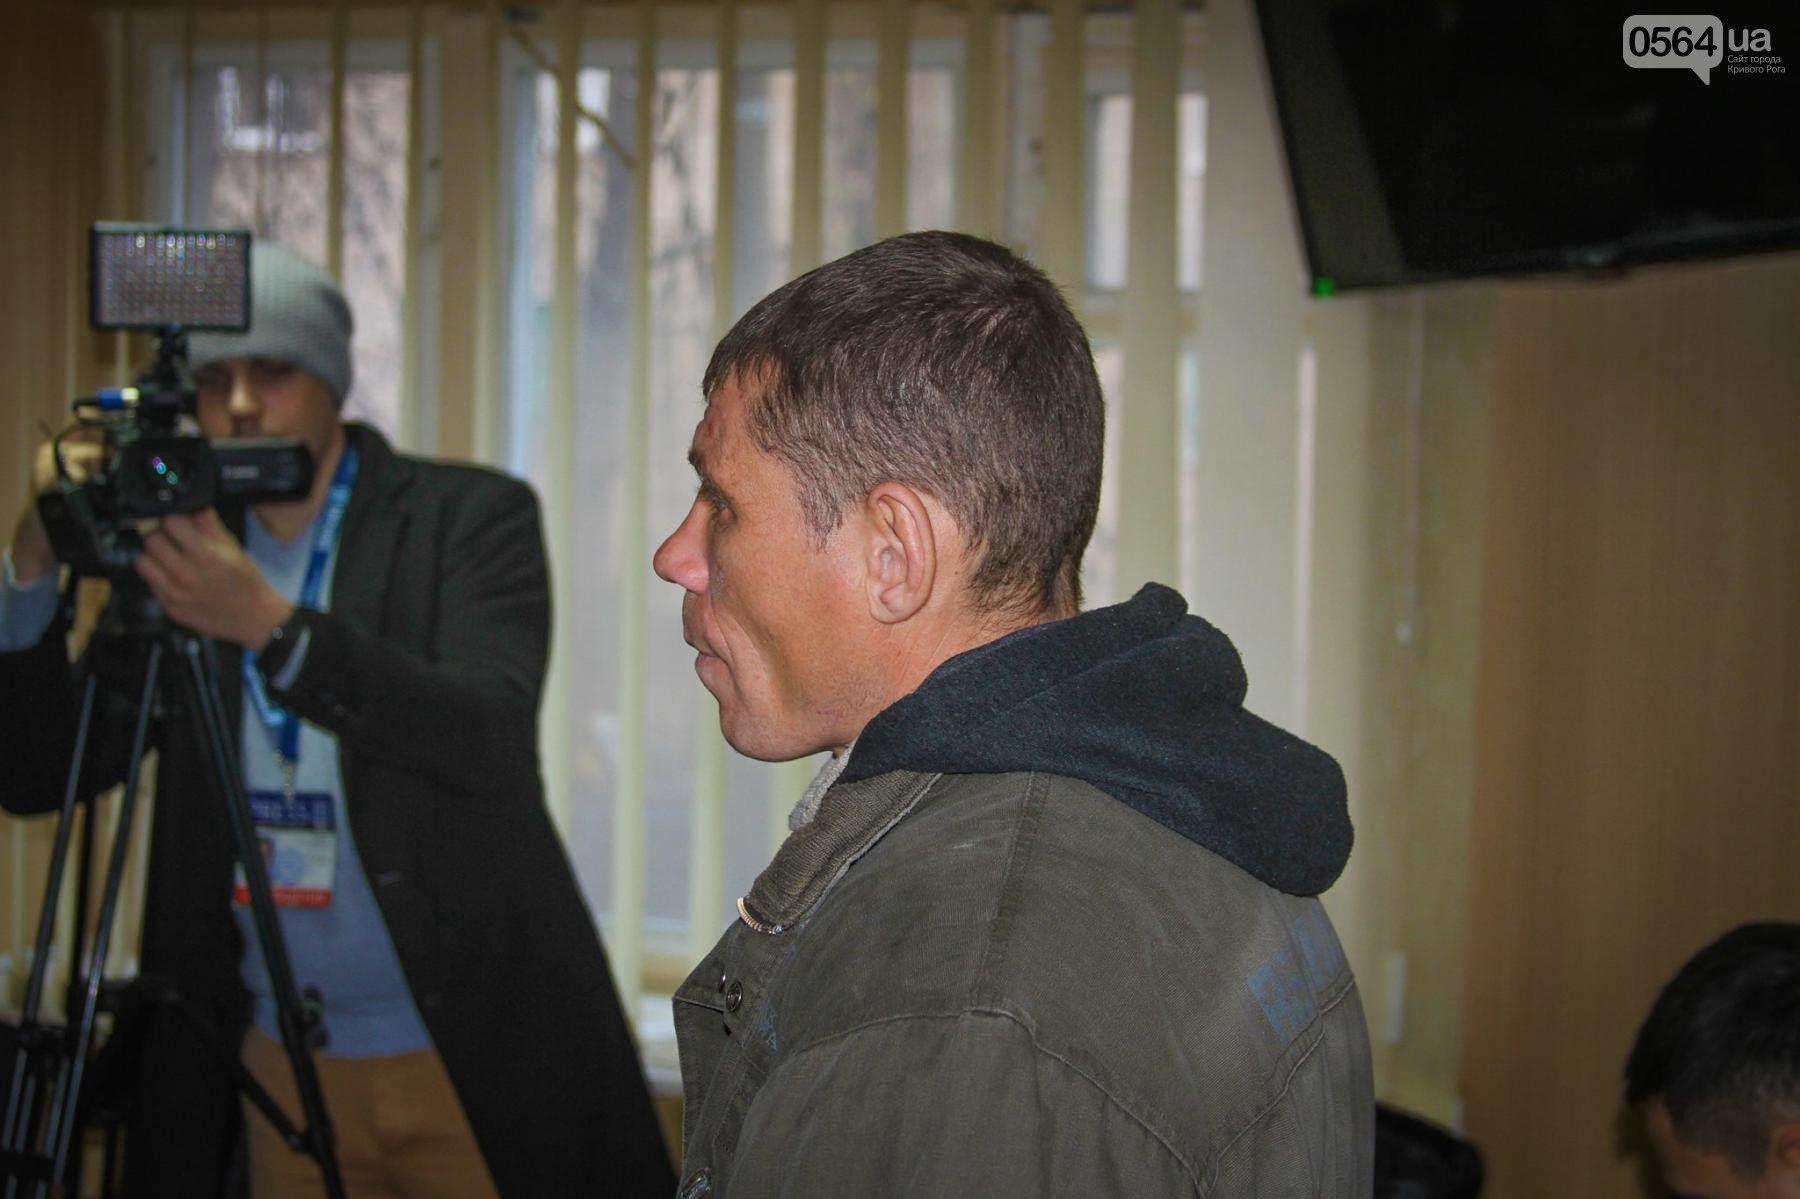 """""""Готовий йти в АТО"""": вандал, який познущався над прапором України, публічно покаявся"""